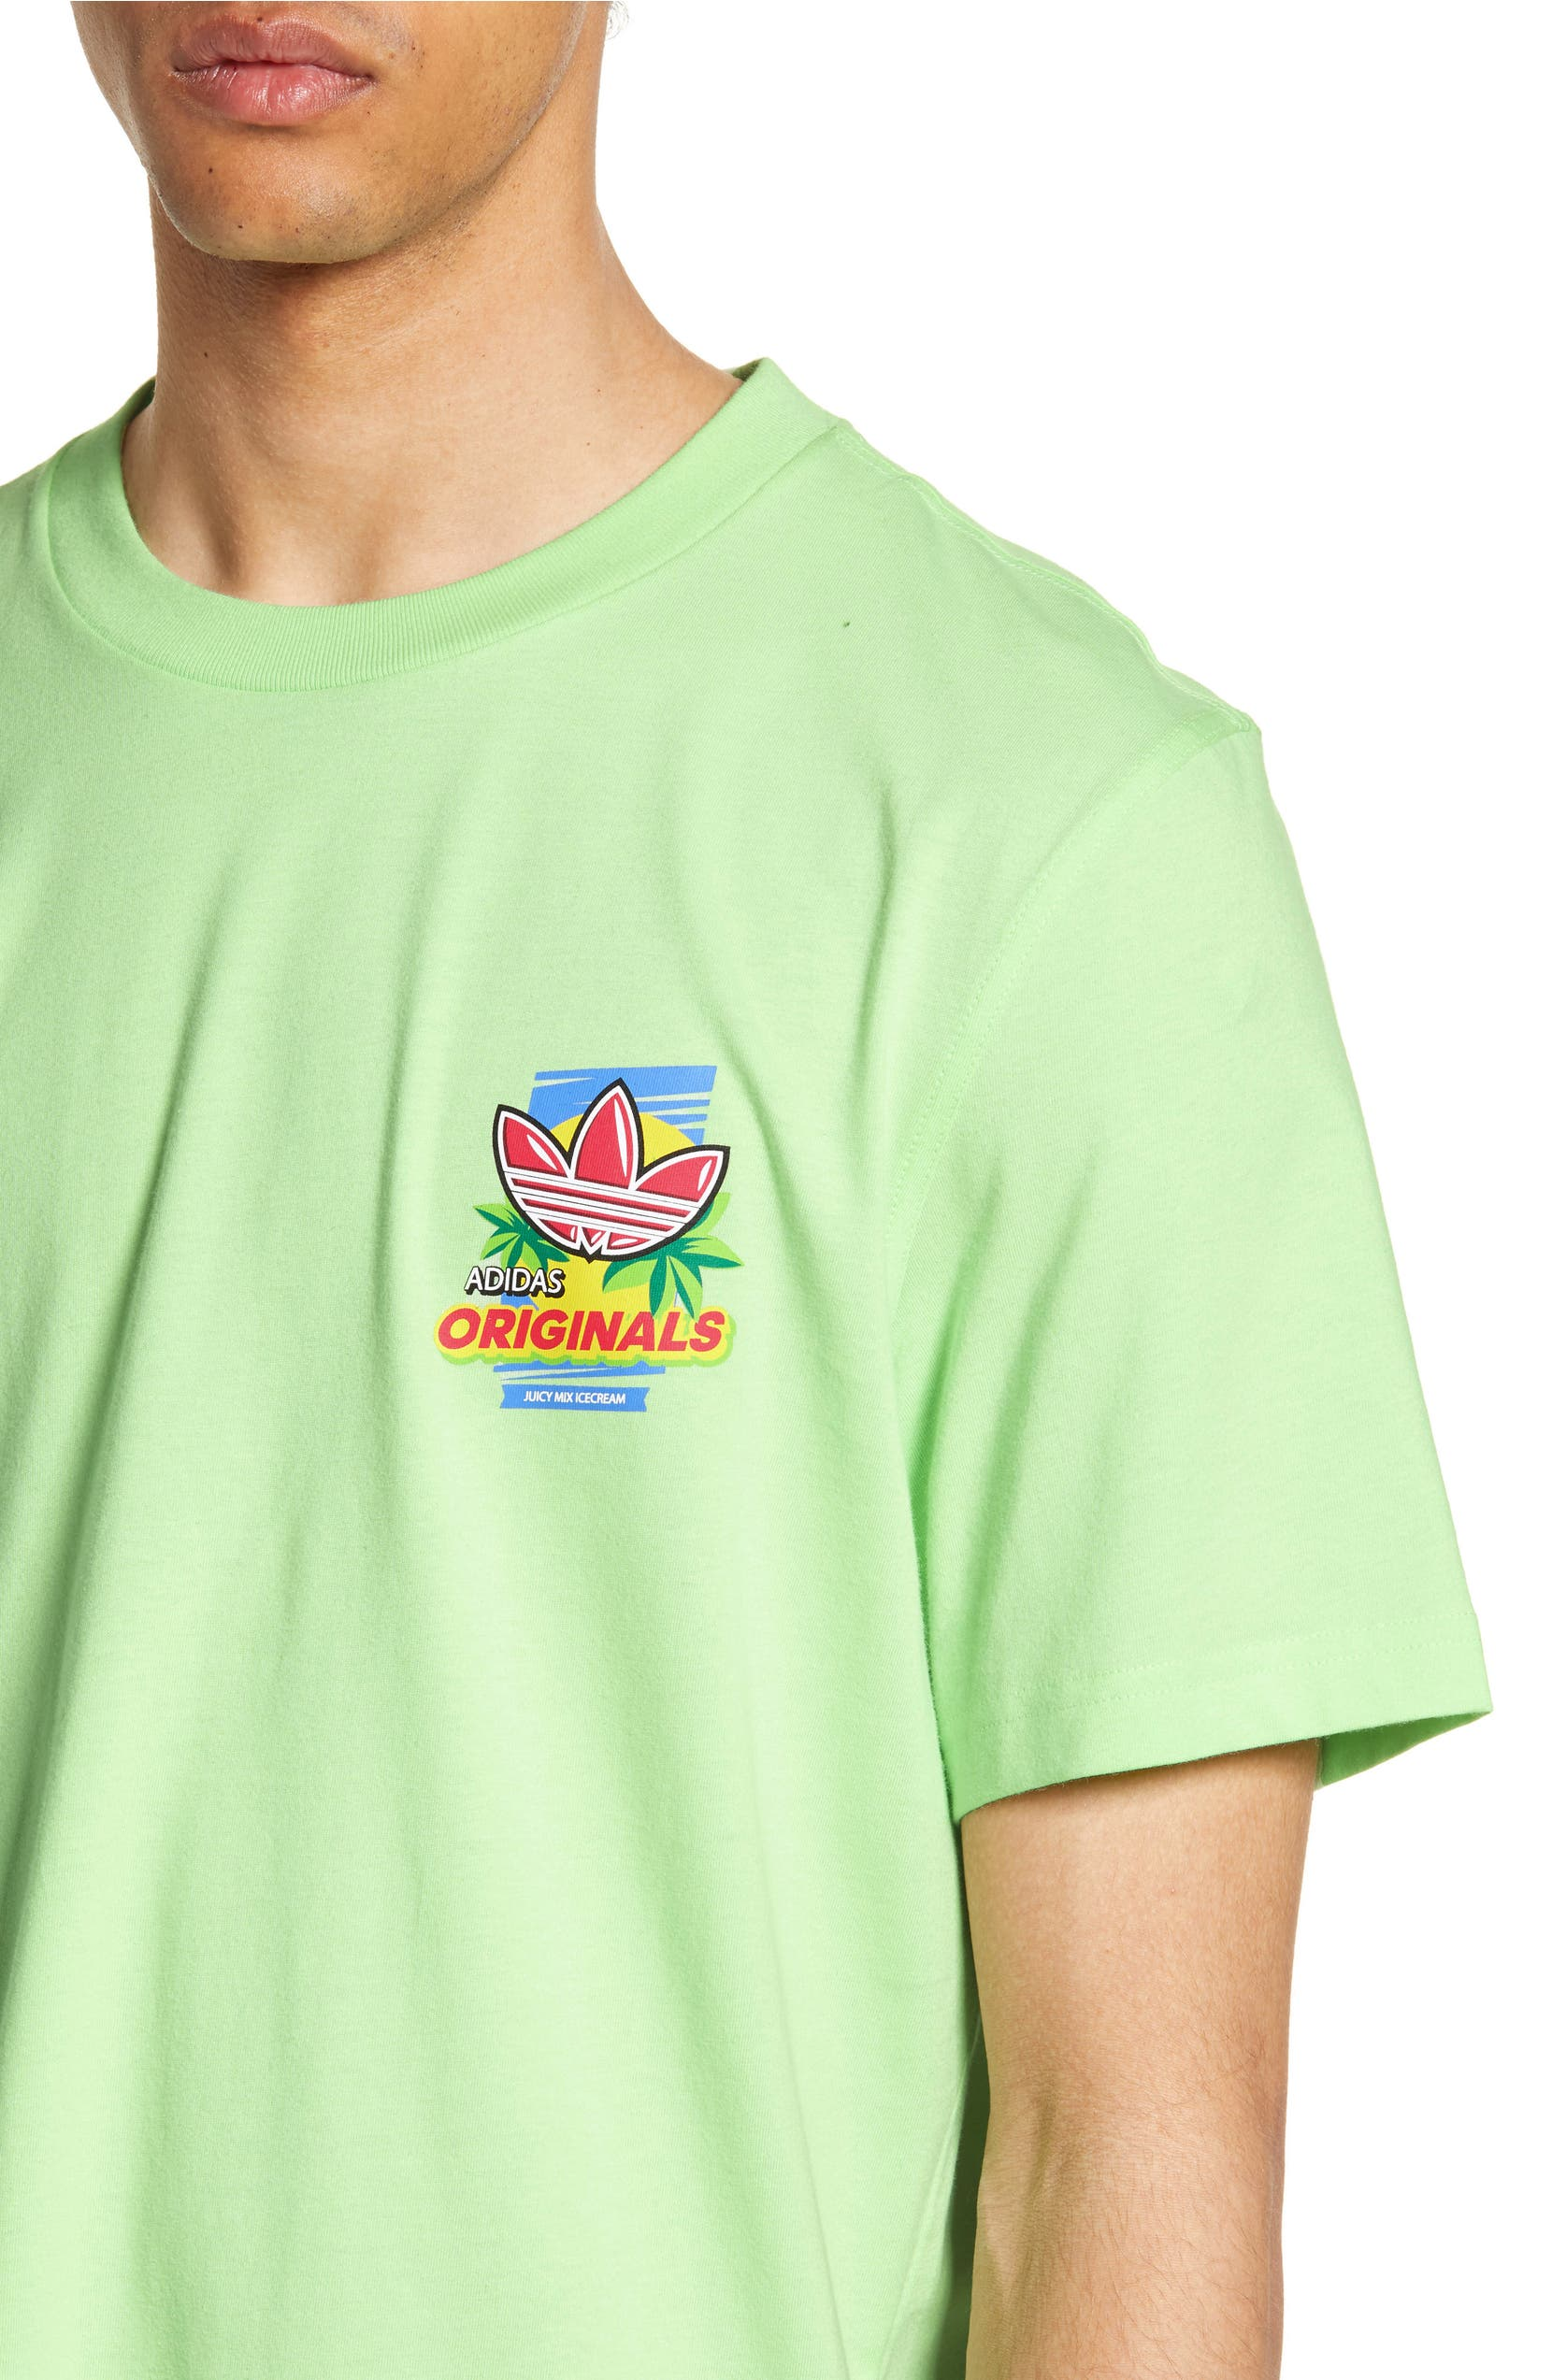 b75c99cf4 adidas Originals Bodega Ice Cream Graphic T-Shirt | Nordstrom